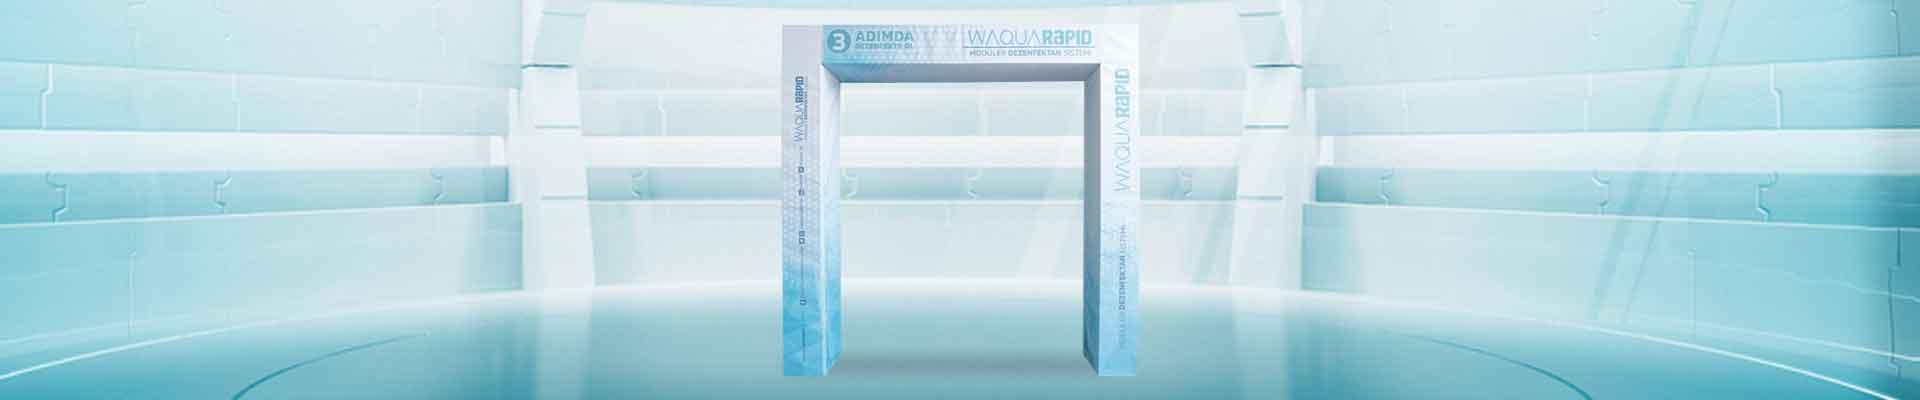 Waqua Rapid Dezenfeksiyon Tüneli